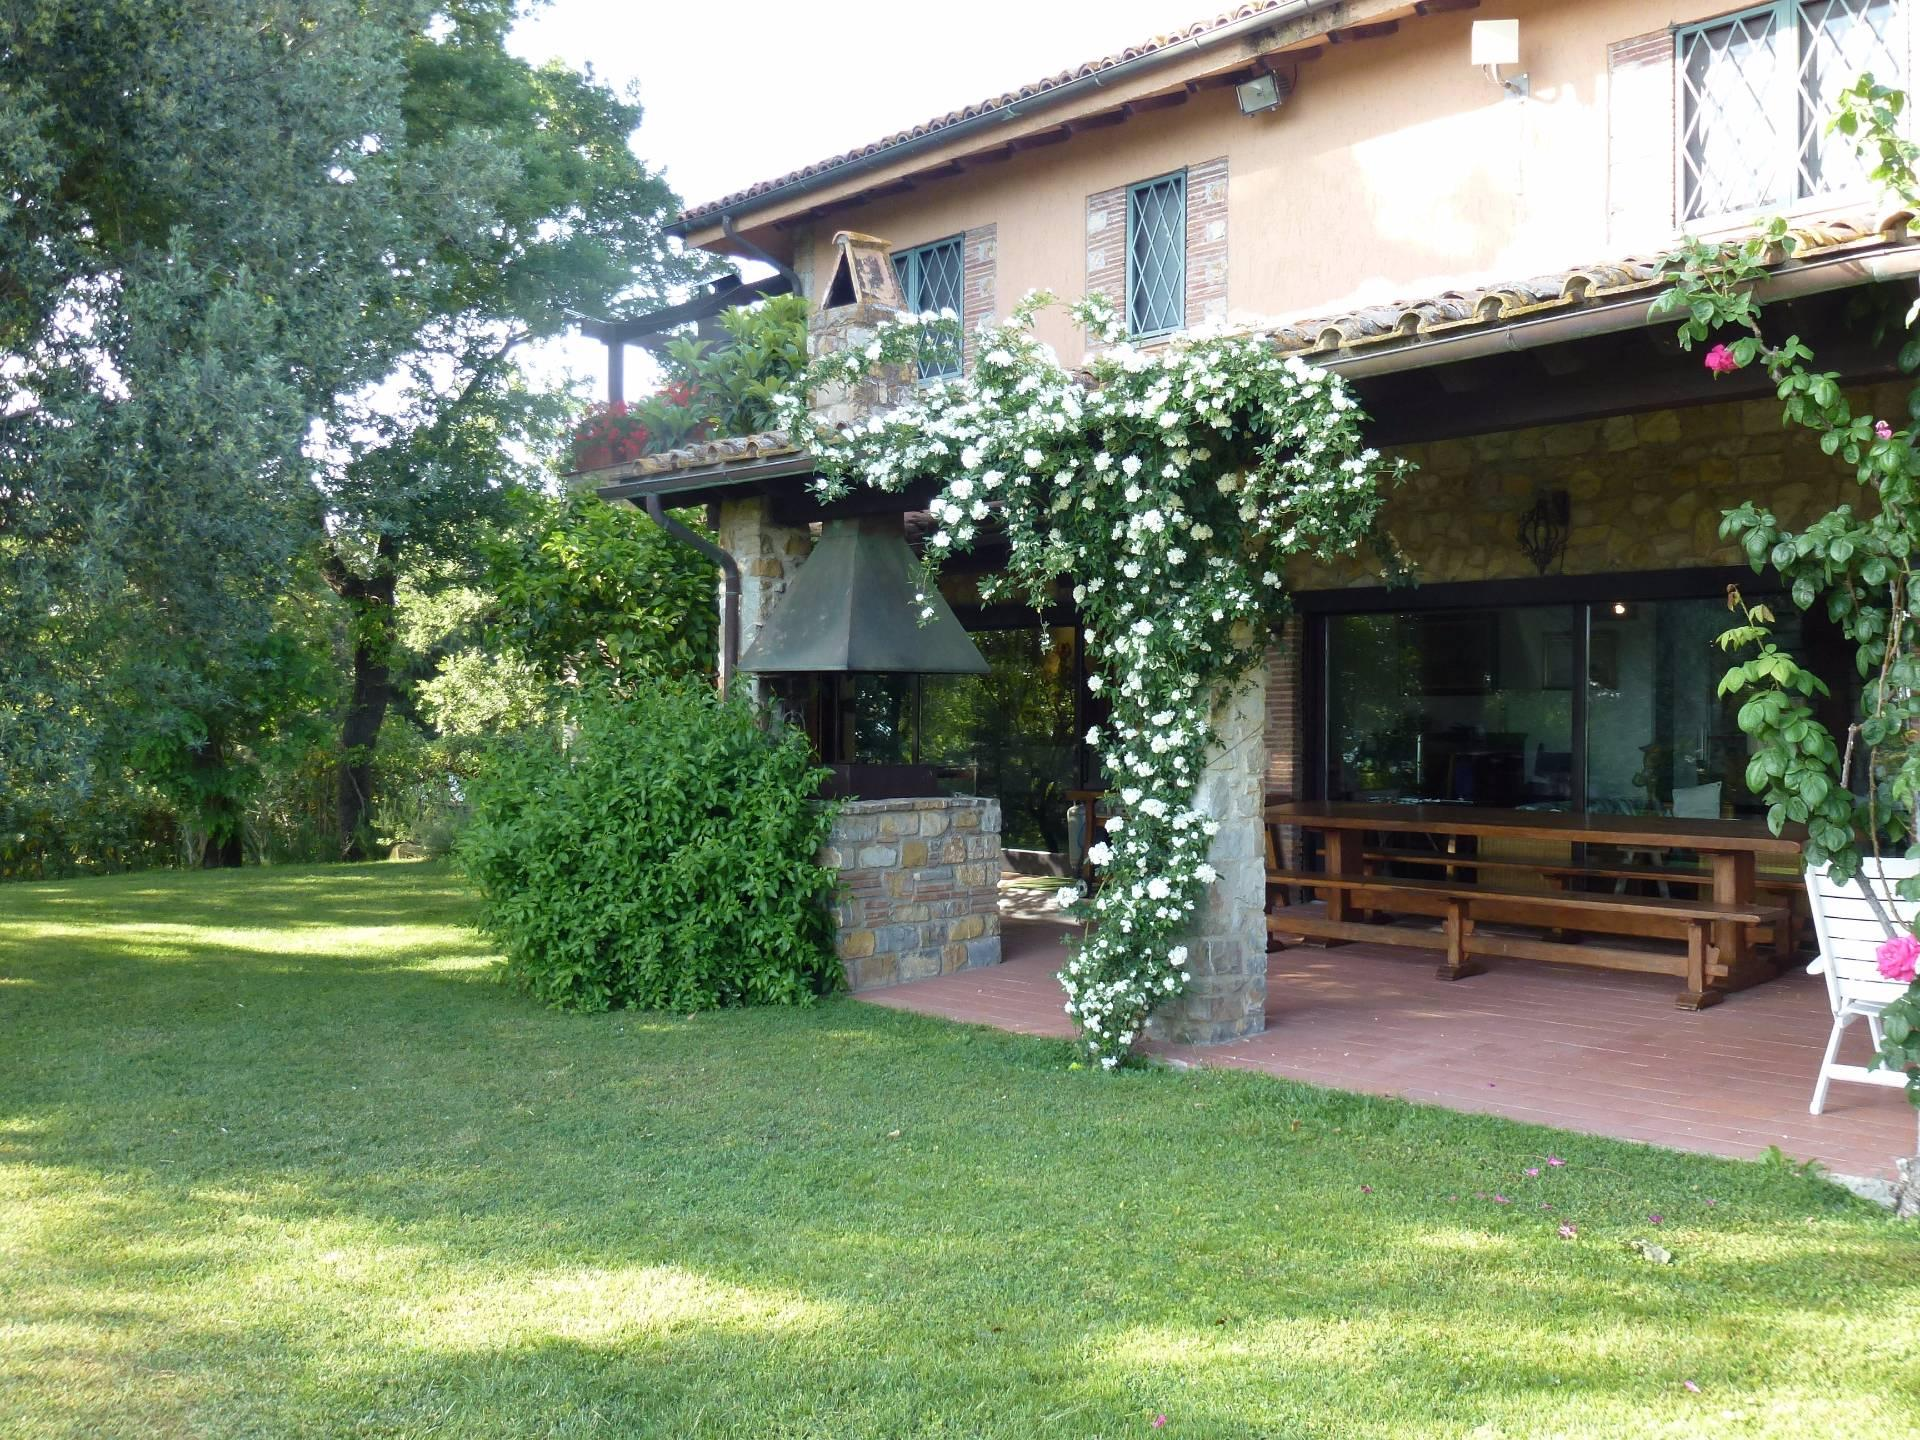 Превосходная вилла с видом на море и Монте-Арджентарио, Тоскана, Италия - 2